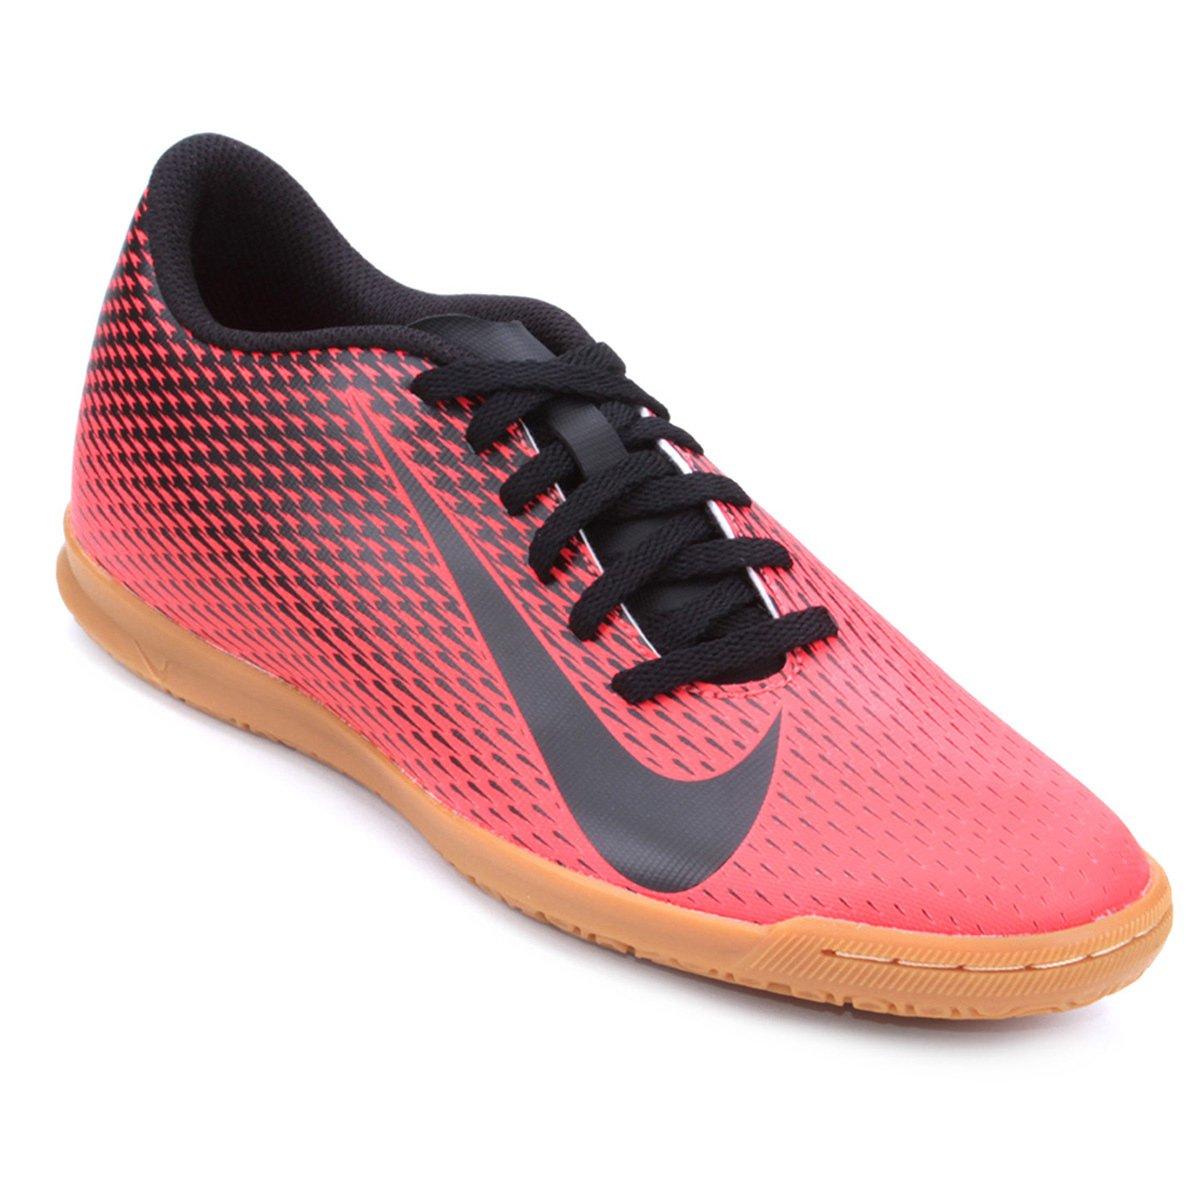 63efcd1562 Chuteira Futsal Nike Bravata 2 IC - Preto